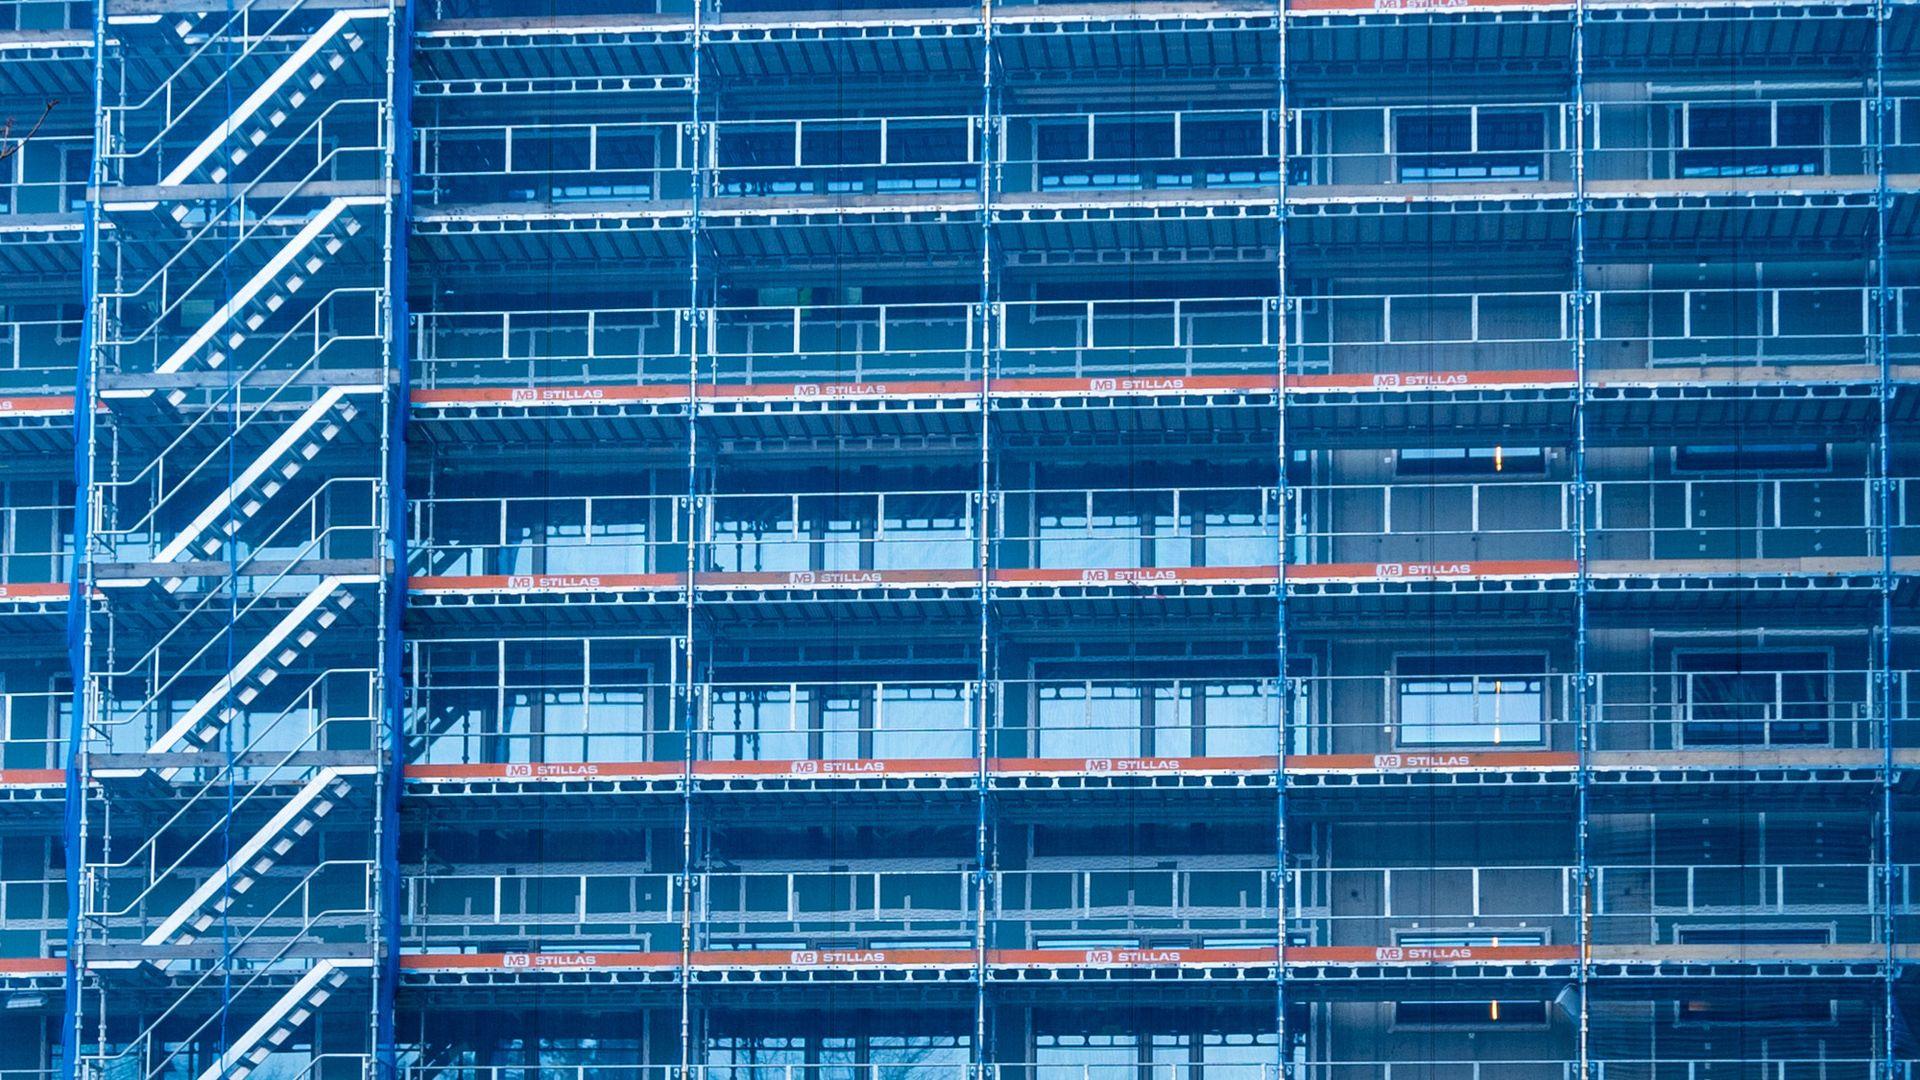 På Helsfyr i Oslo bygger Scandic Hotell et nytt tilbygg. Det store stillaset ble prosjektert i 3D før det ble satt opp.